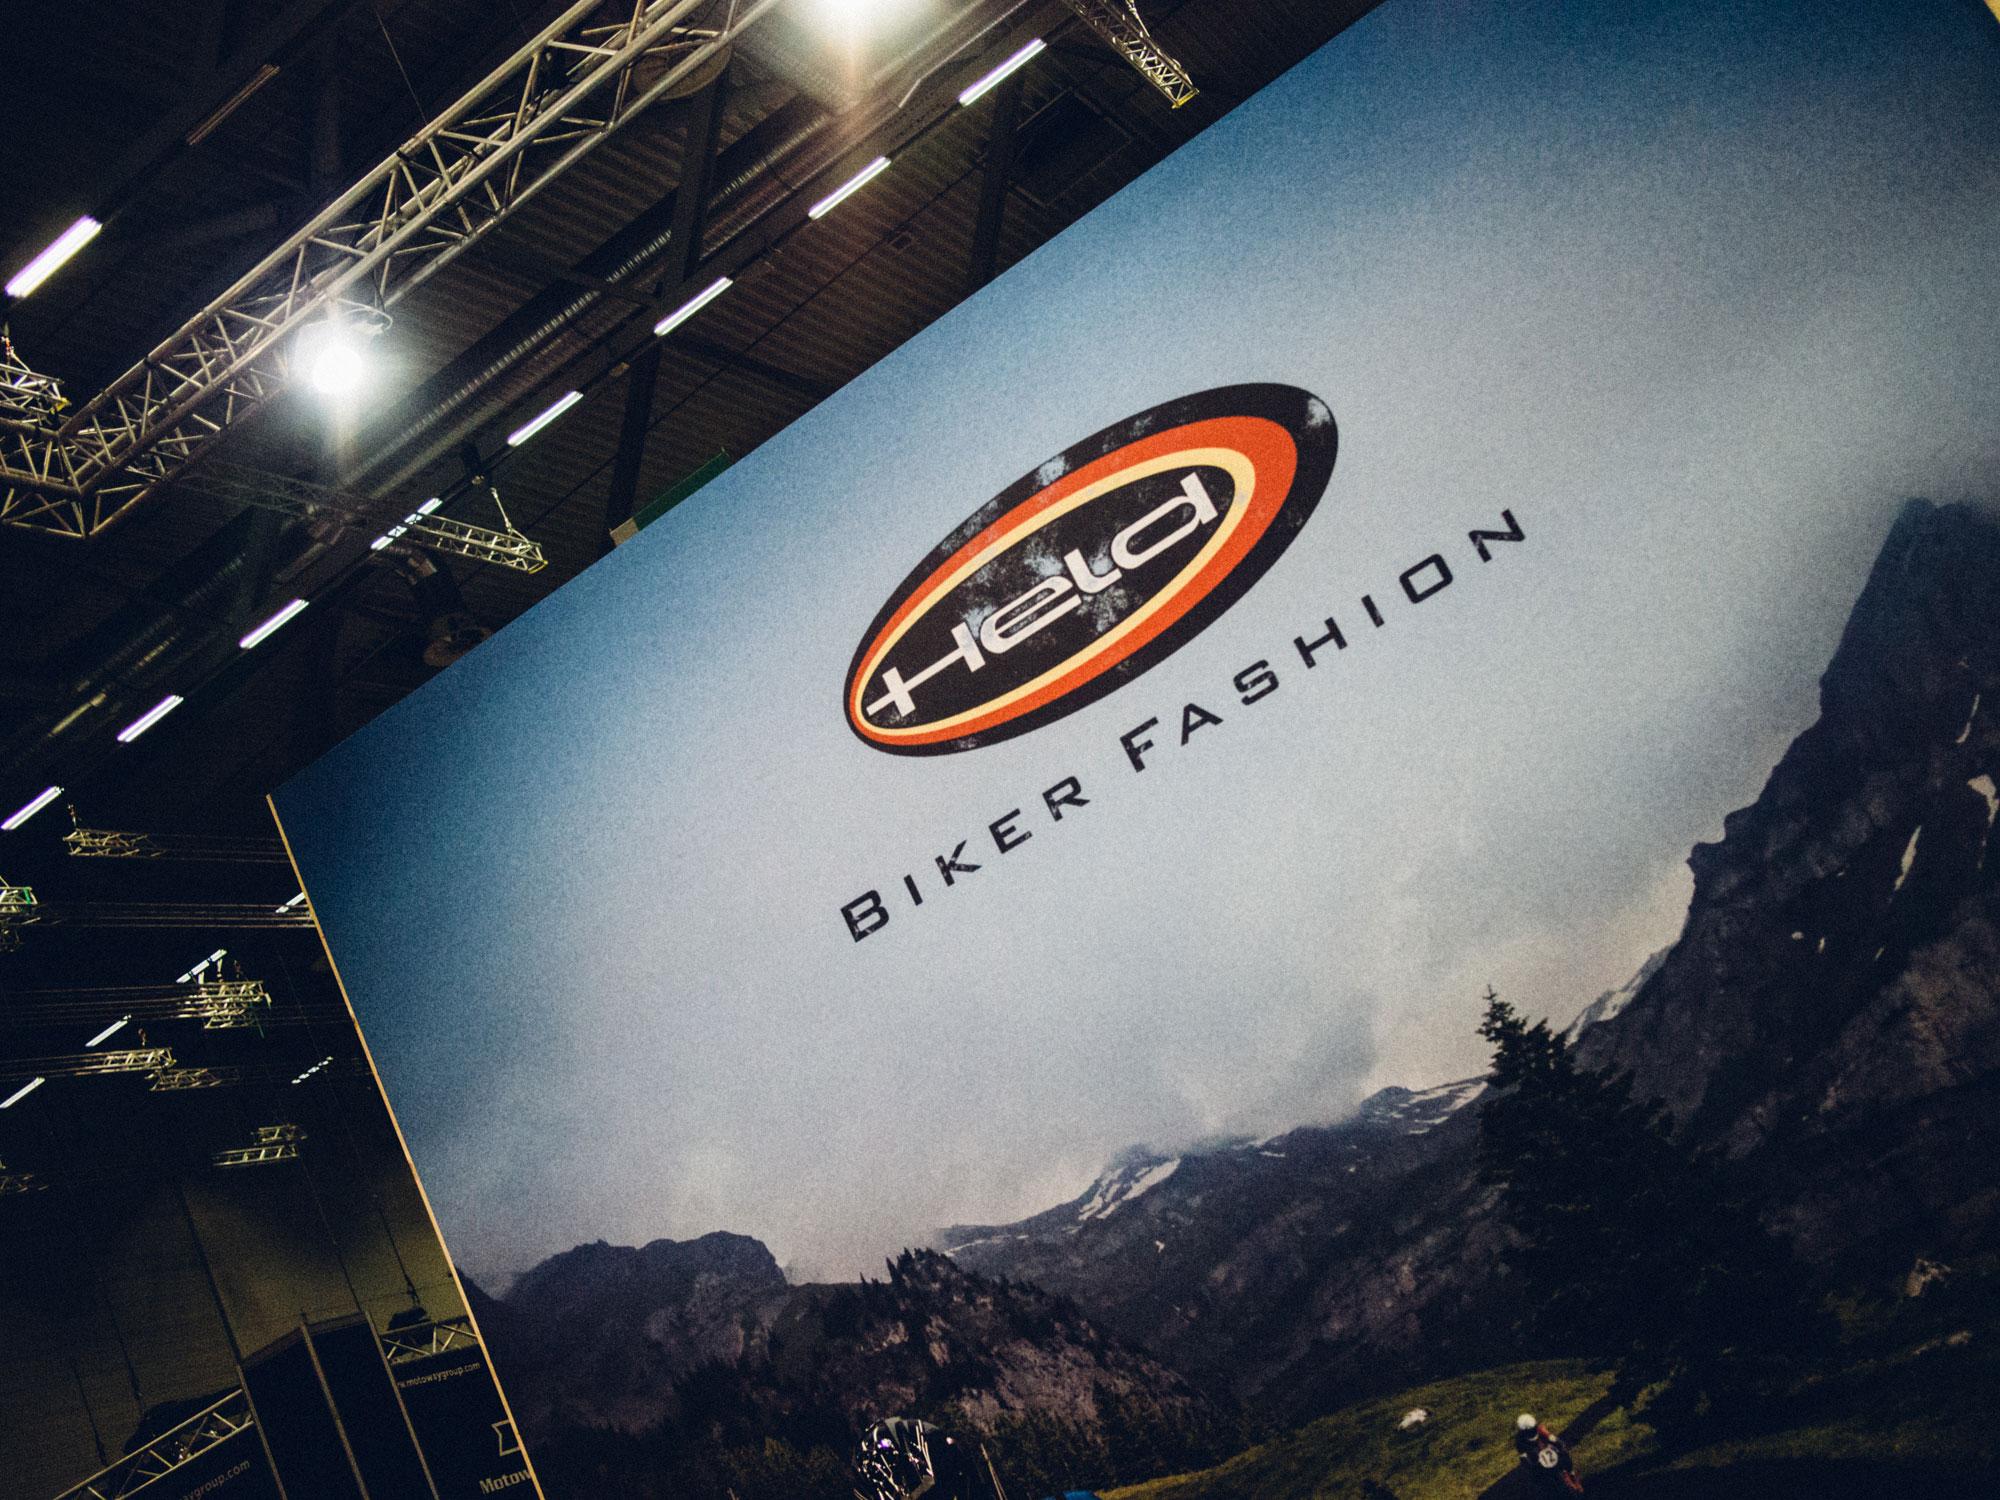 Ein Banner des 70-Jahre-Held-Messestandes. Man sieht ein Motorrad, das eine schöne Bergstraße entlang fährt. Das Logo von Held Bikerfashion ist oben im Bild zu sehen. Das Design stammt von MAJORMAJOR.